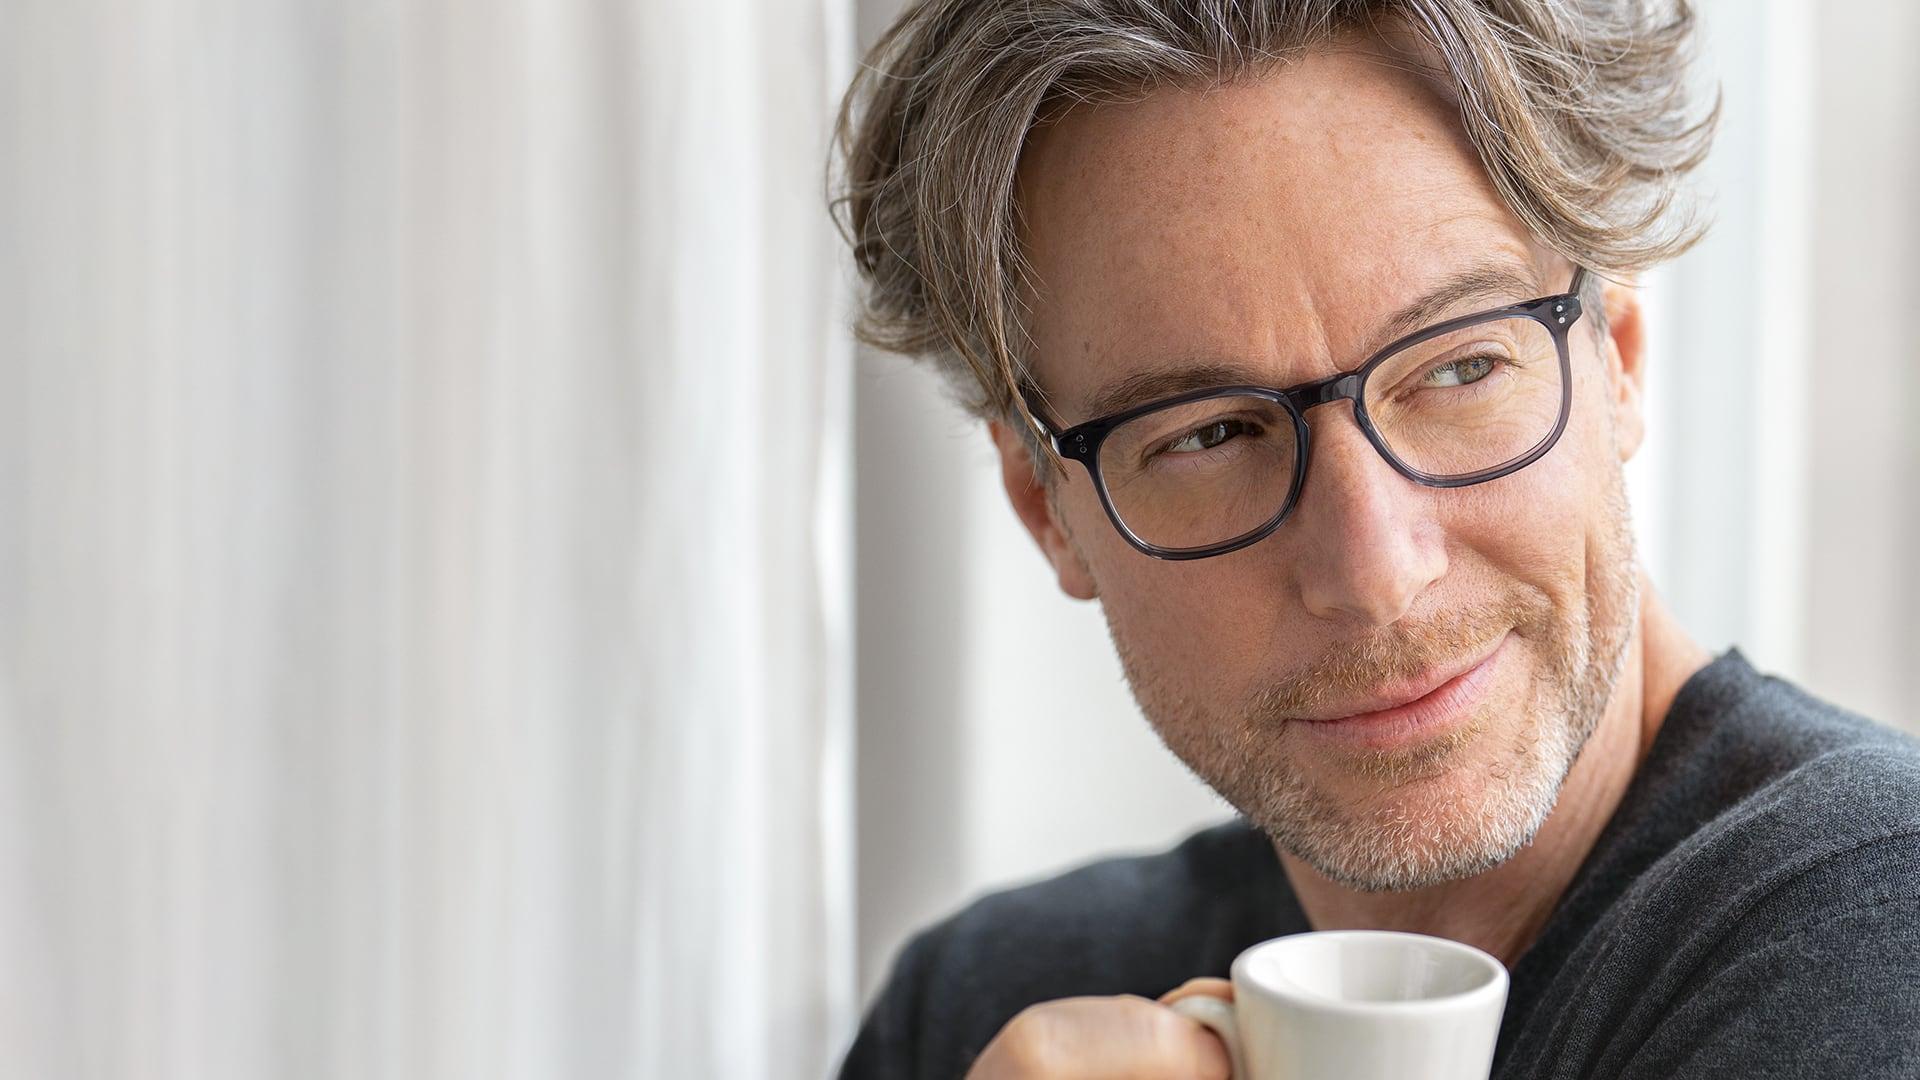 Preiswerte Brillen von die brille in Olching und Eichenau